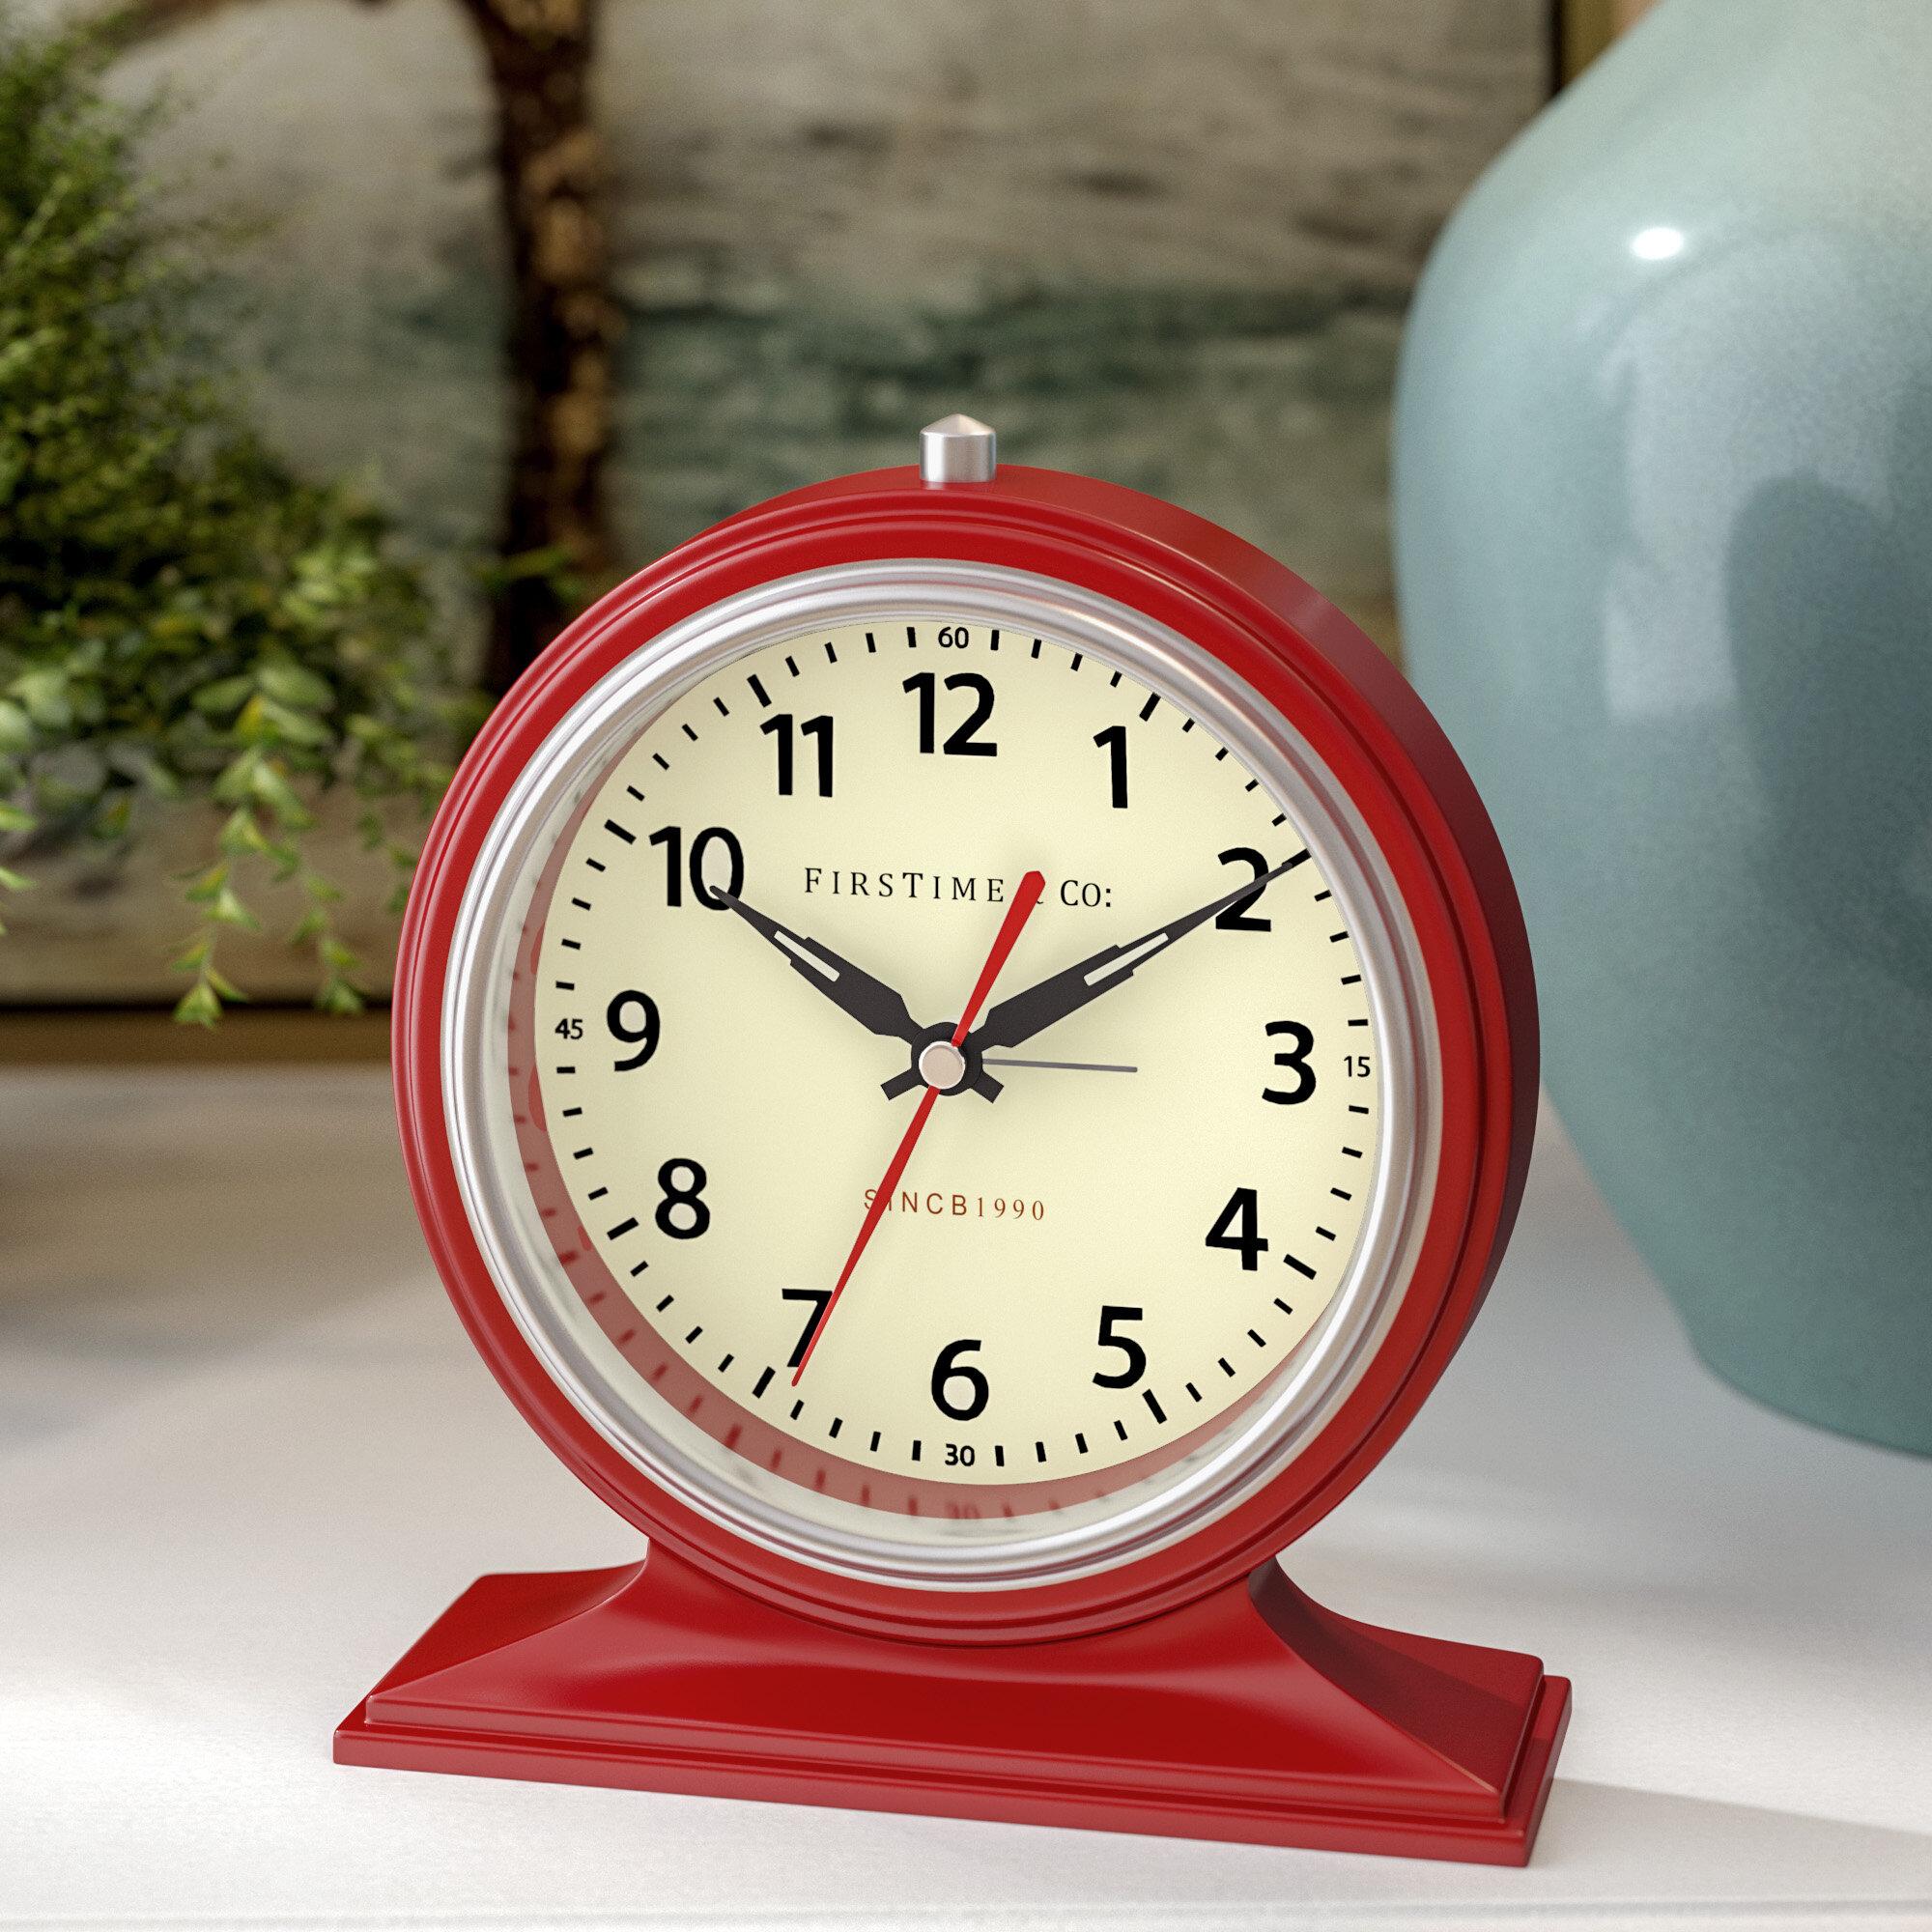 Beau Winston Porter Colorfully Awake Tabletop Clock U0026 Reviews | Wayfair